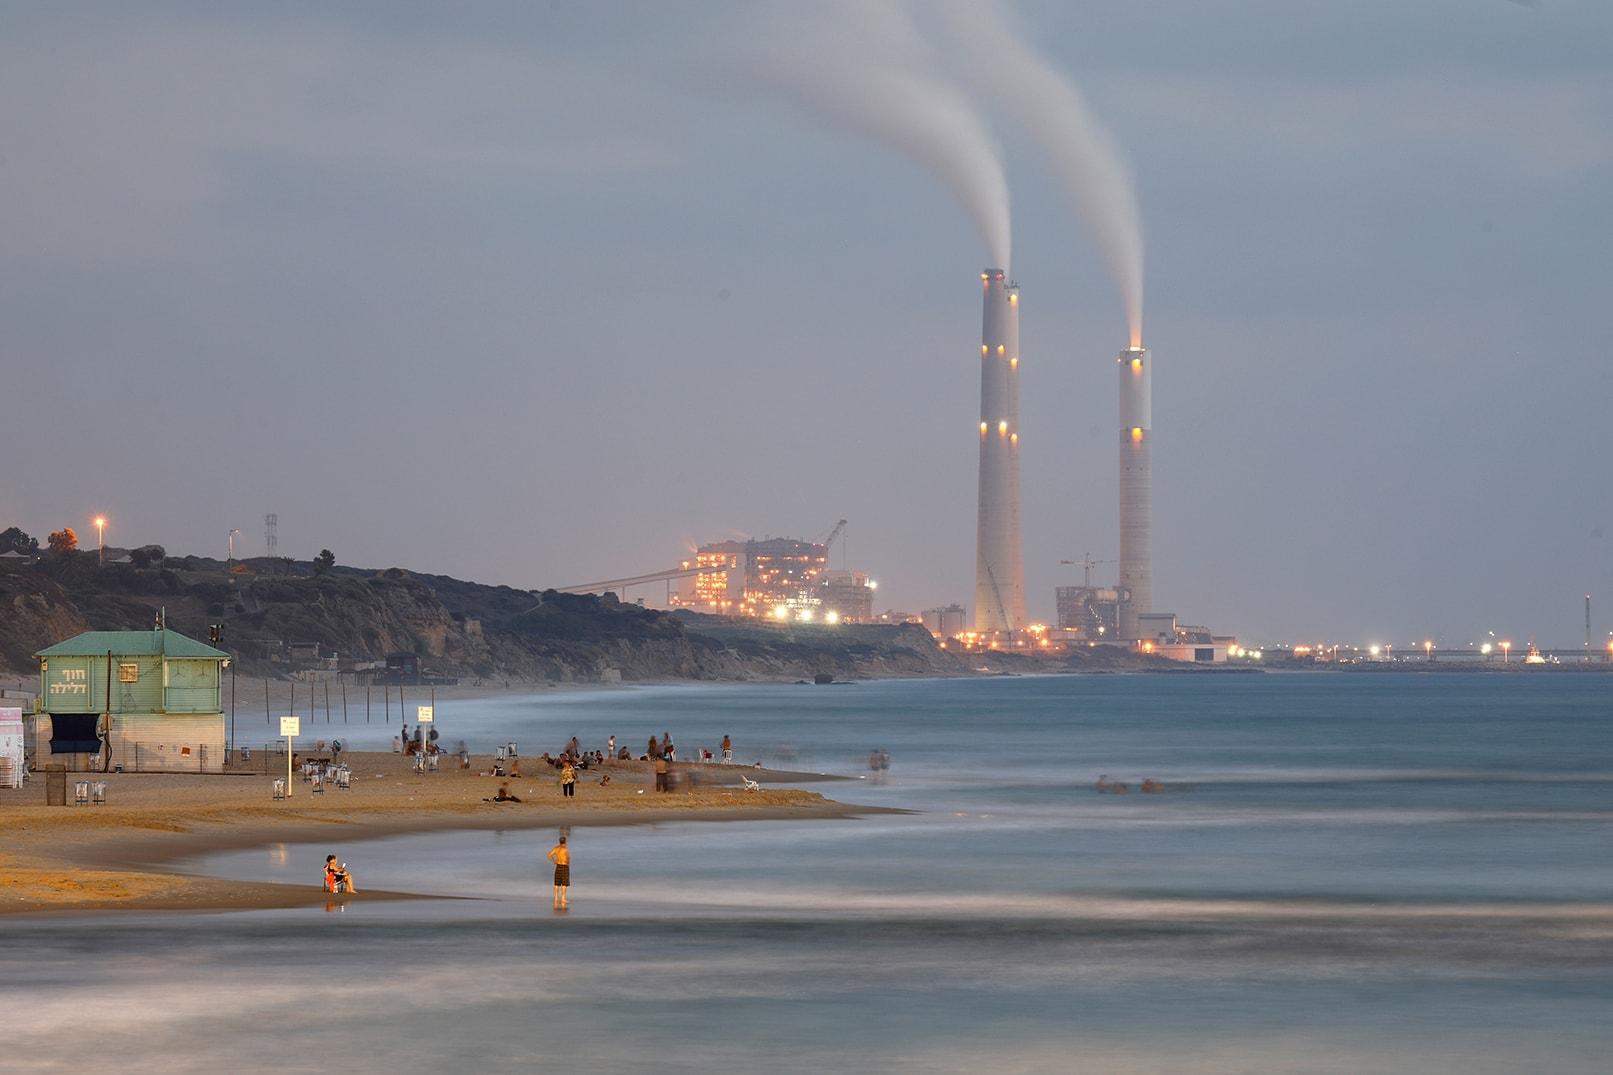 La crisis climática pasa por el Mediterráneo: se calienta un 20% más rápido que la media mundial